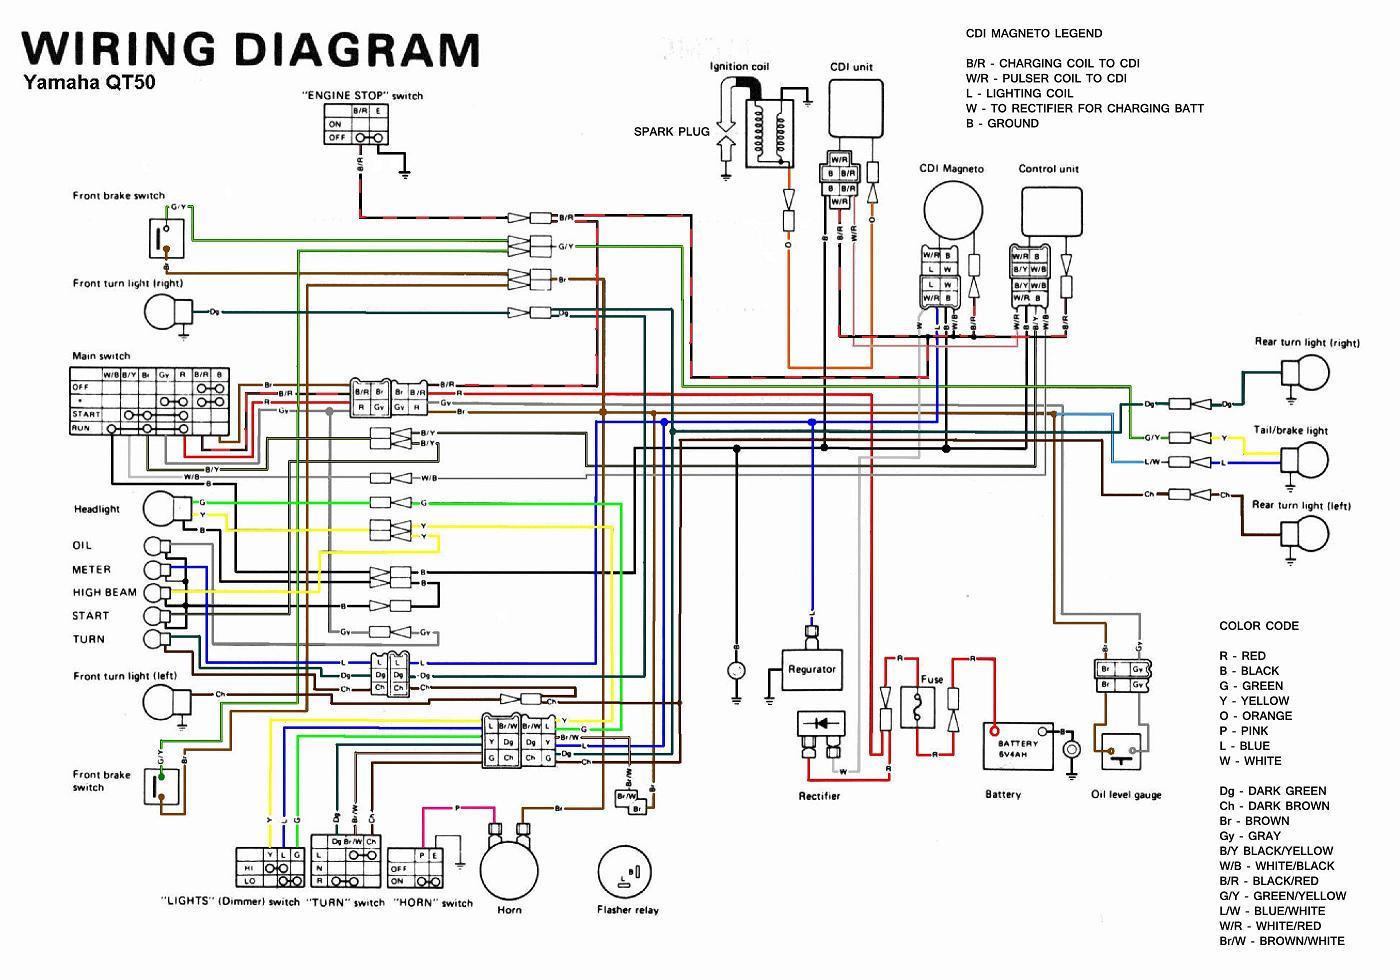 yamaha 1971 yamaha ct1 wiring diagram | wiring diagram centre on yamaha  dt1 wiring diagram,